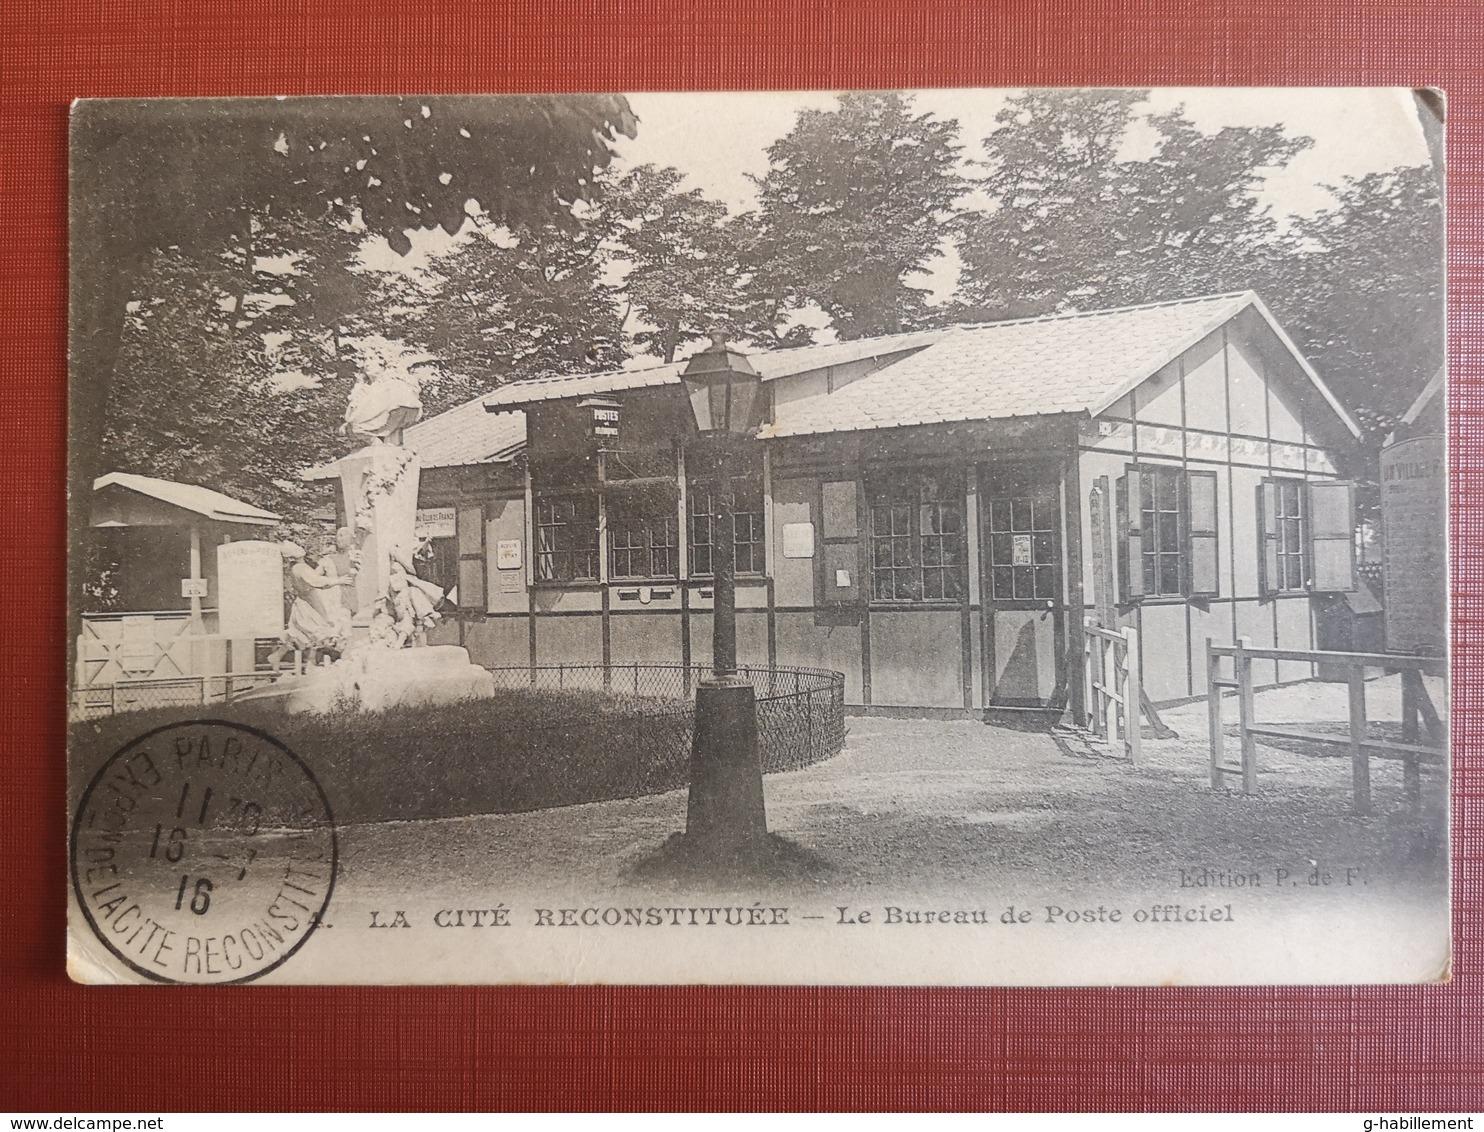 CPA - 75 - PARIS - LA CITE RECONSTITUEE - LE BUREAU DE POSTE OFFICIEL (h) - France